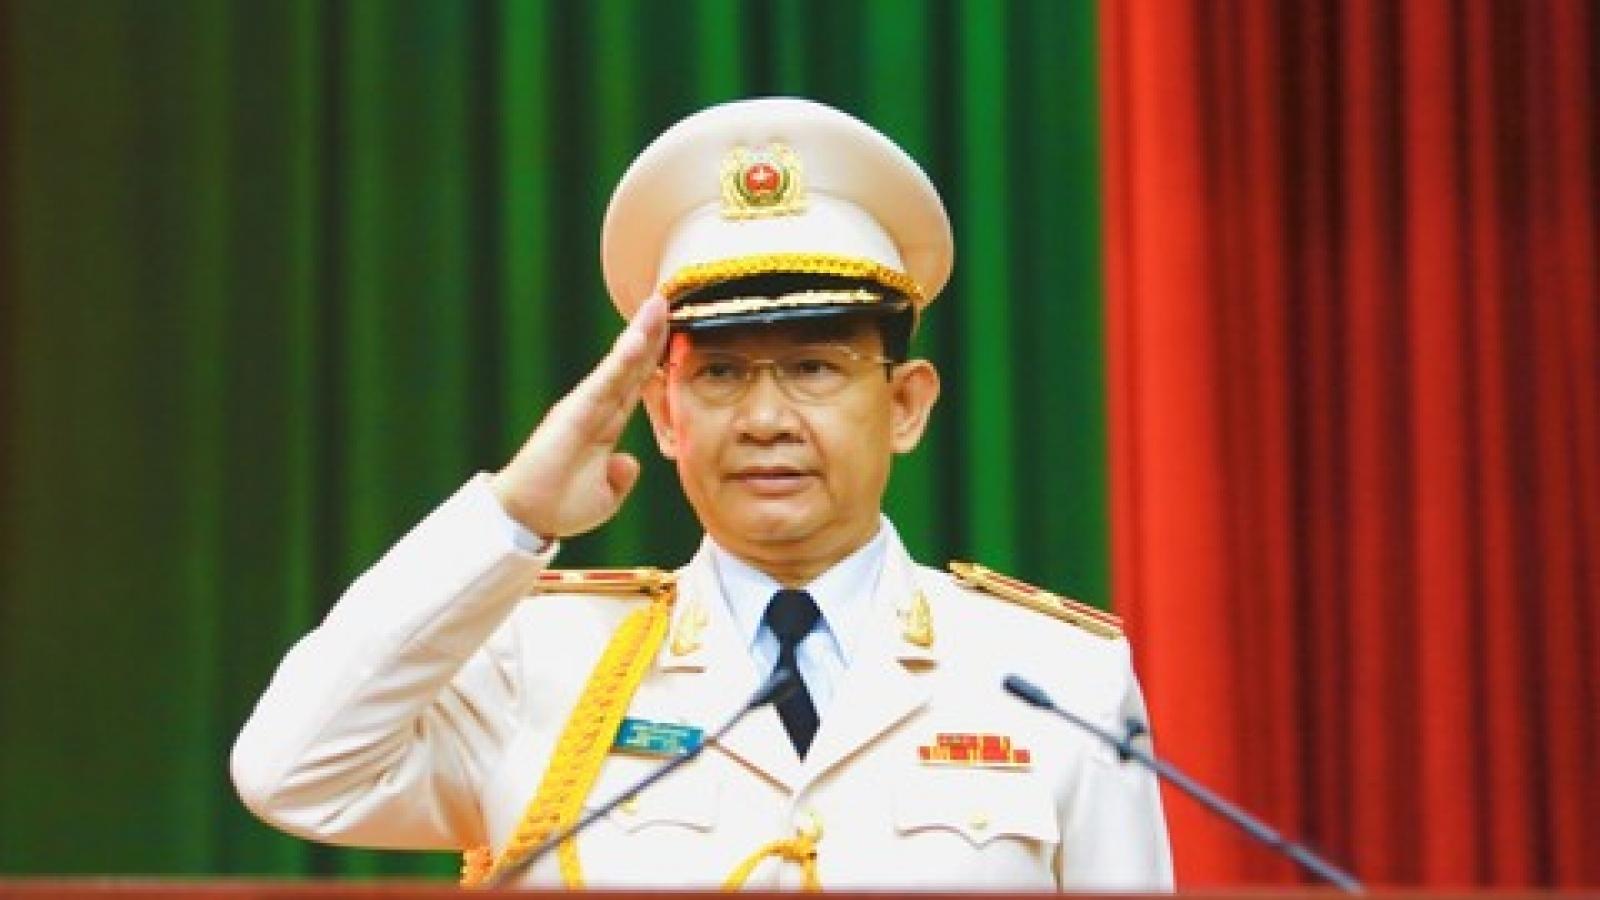 Thăng hàm Thiếu tướng cho Phó Giám đốc Công an TP HCM